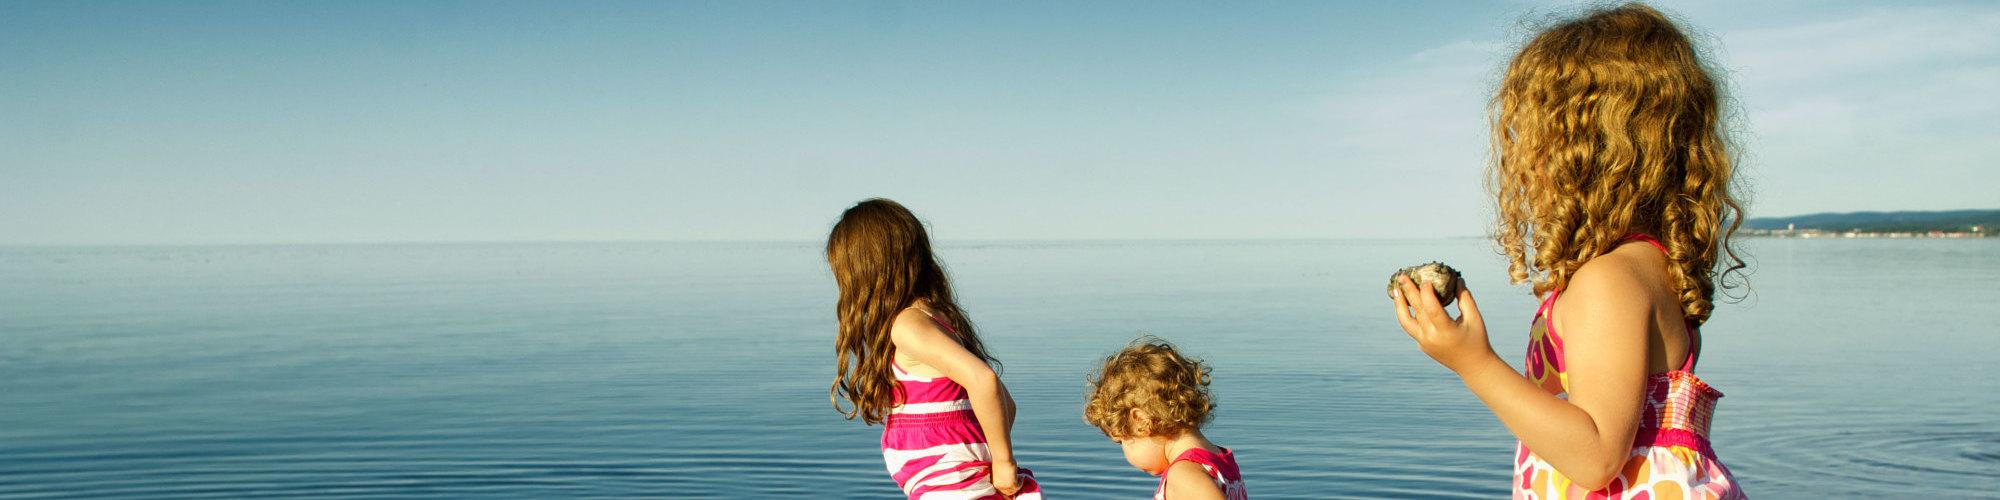 3 petites filles qui jouent dans l'eau, sur la plage